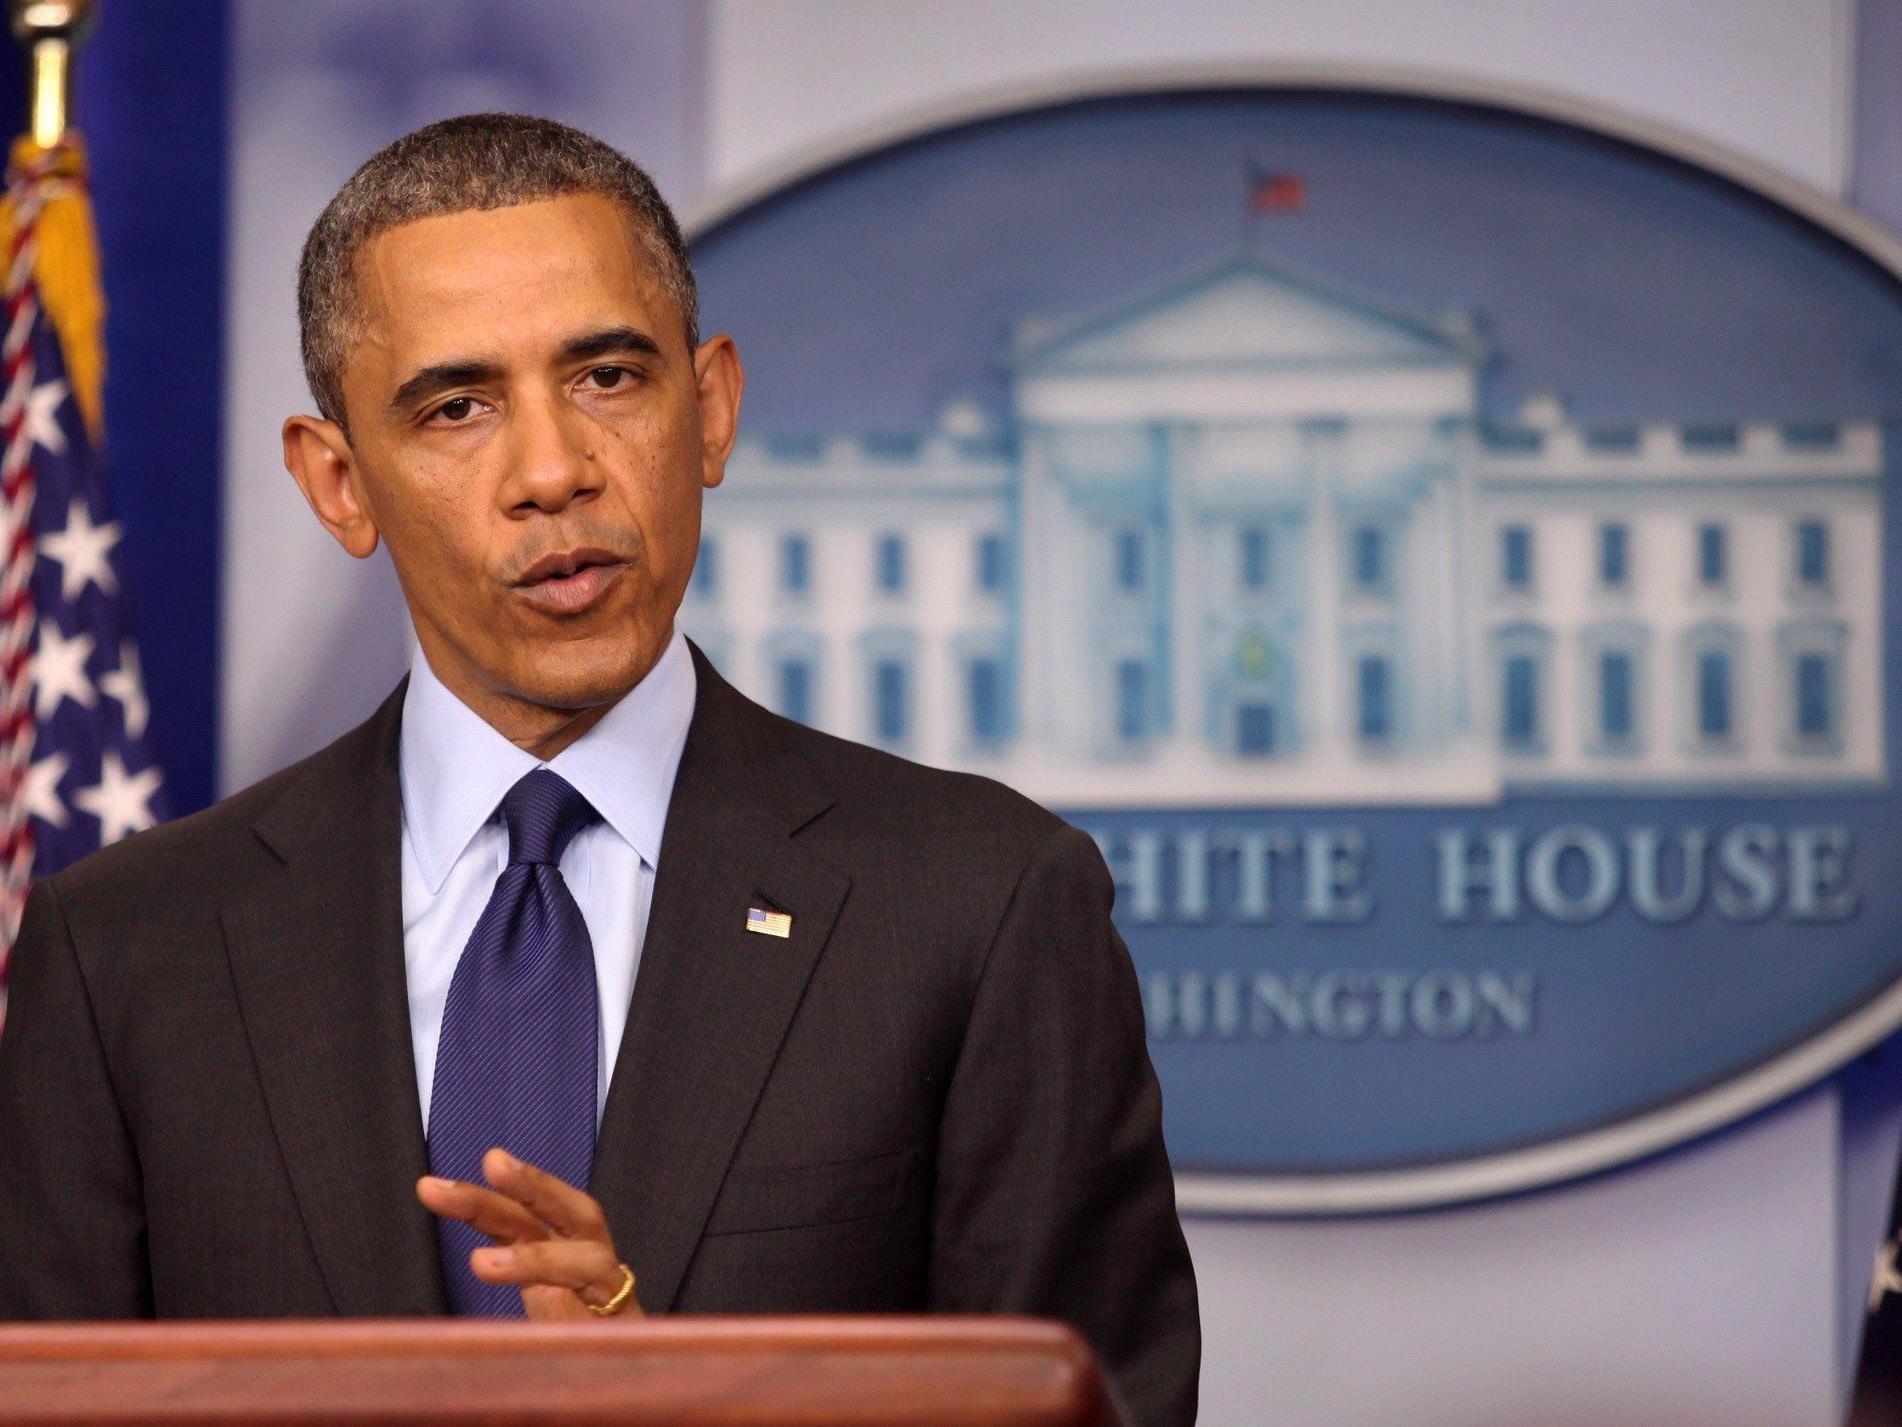 Der US-Präsident kurz nach der Festnahme - kurz zuvor waren bereits erste kritische Stimmen laut geworden.